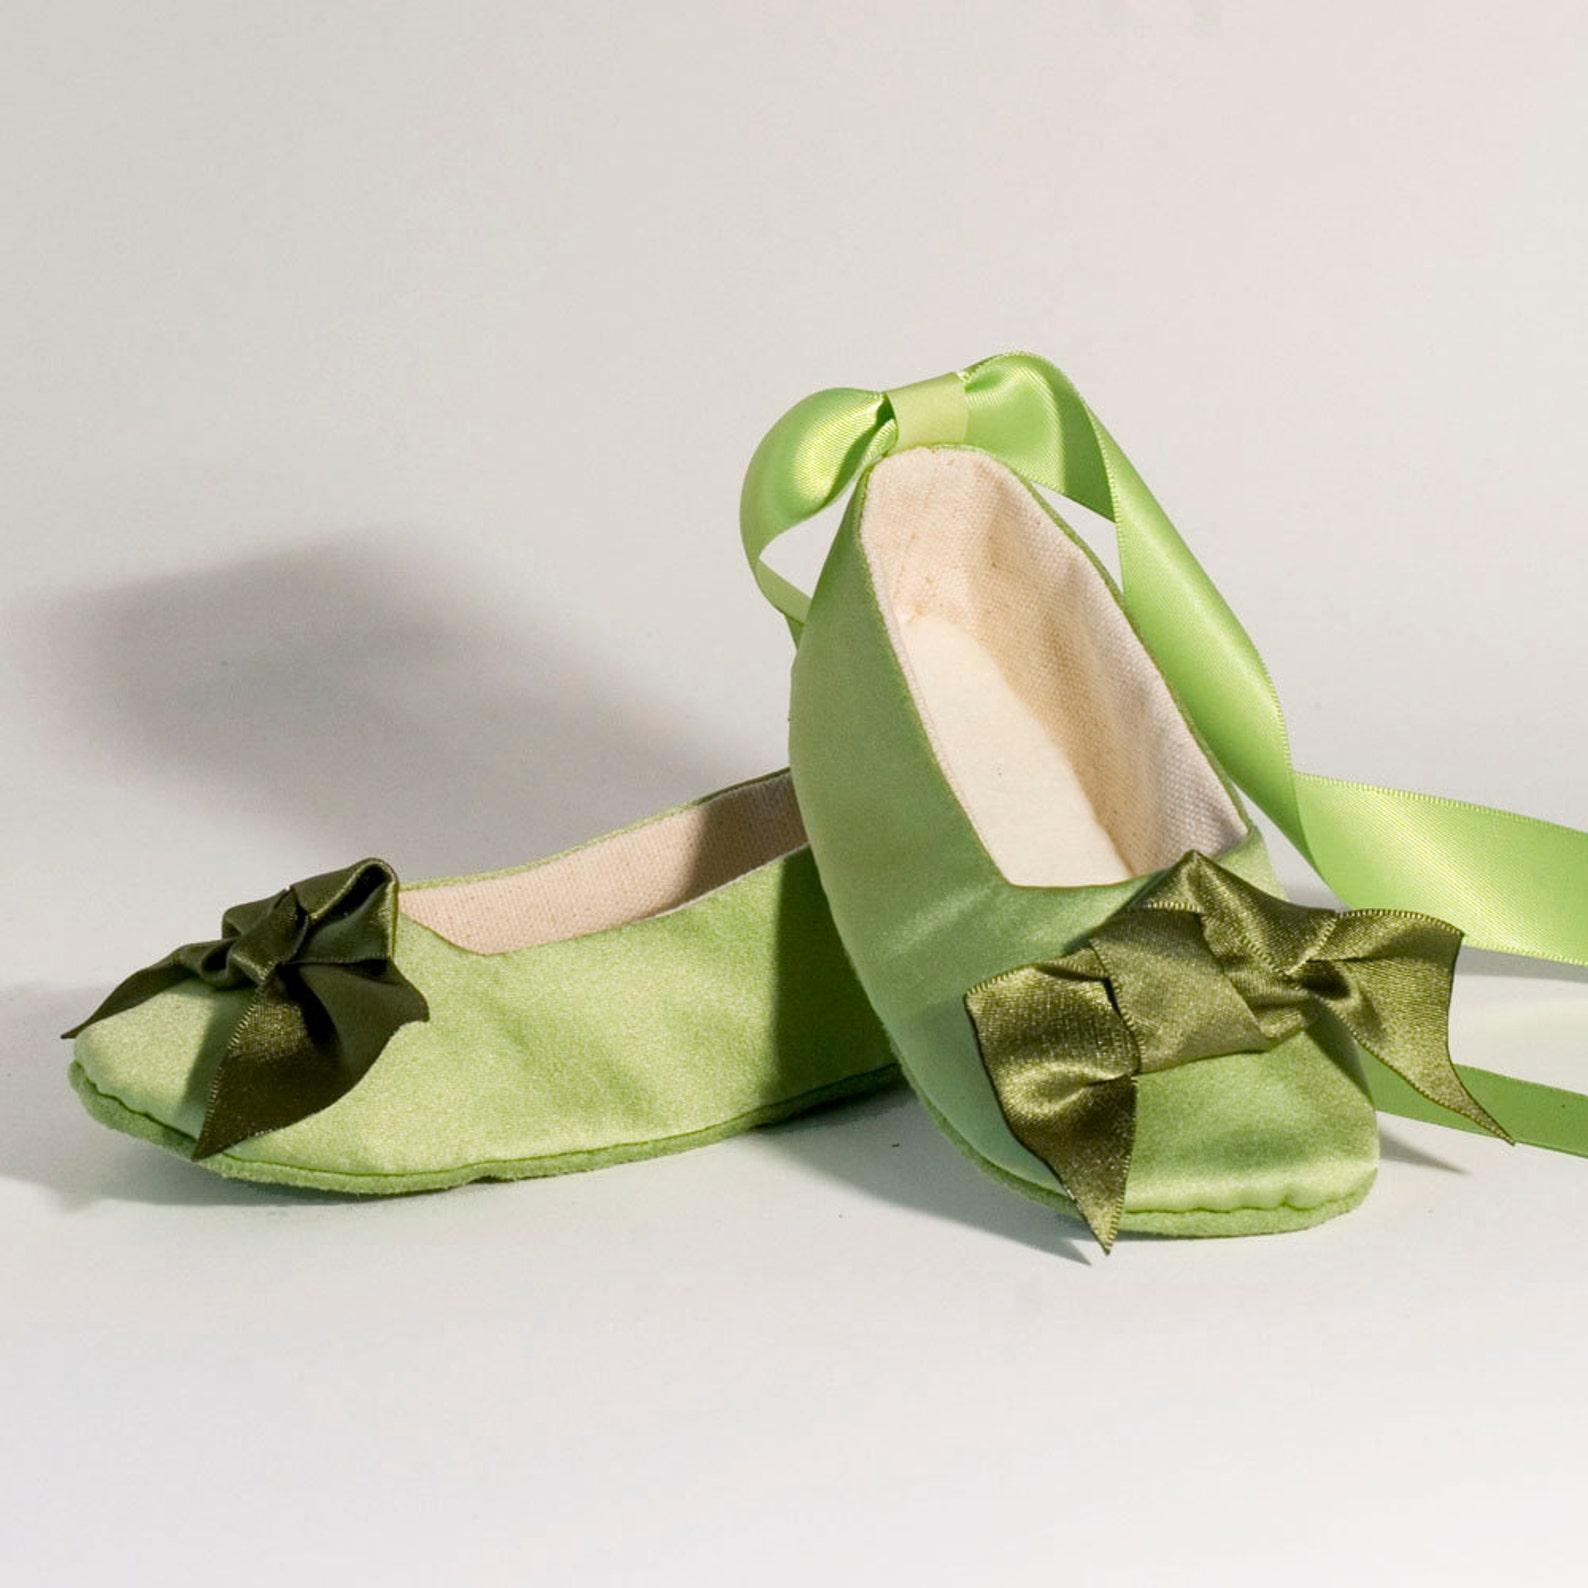 green satin flower girl ballet slipper, spring wedding, green baby, toddler shoe, baby ballet flat, baby shower, little girl sho